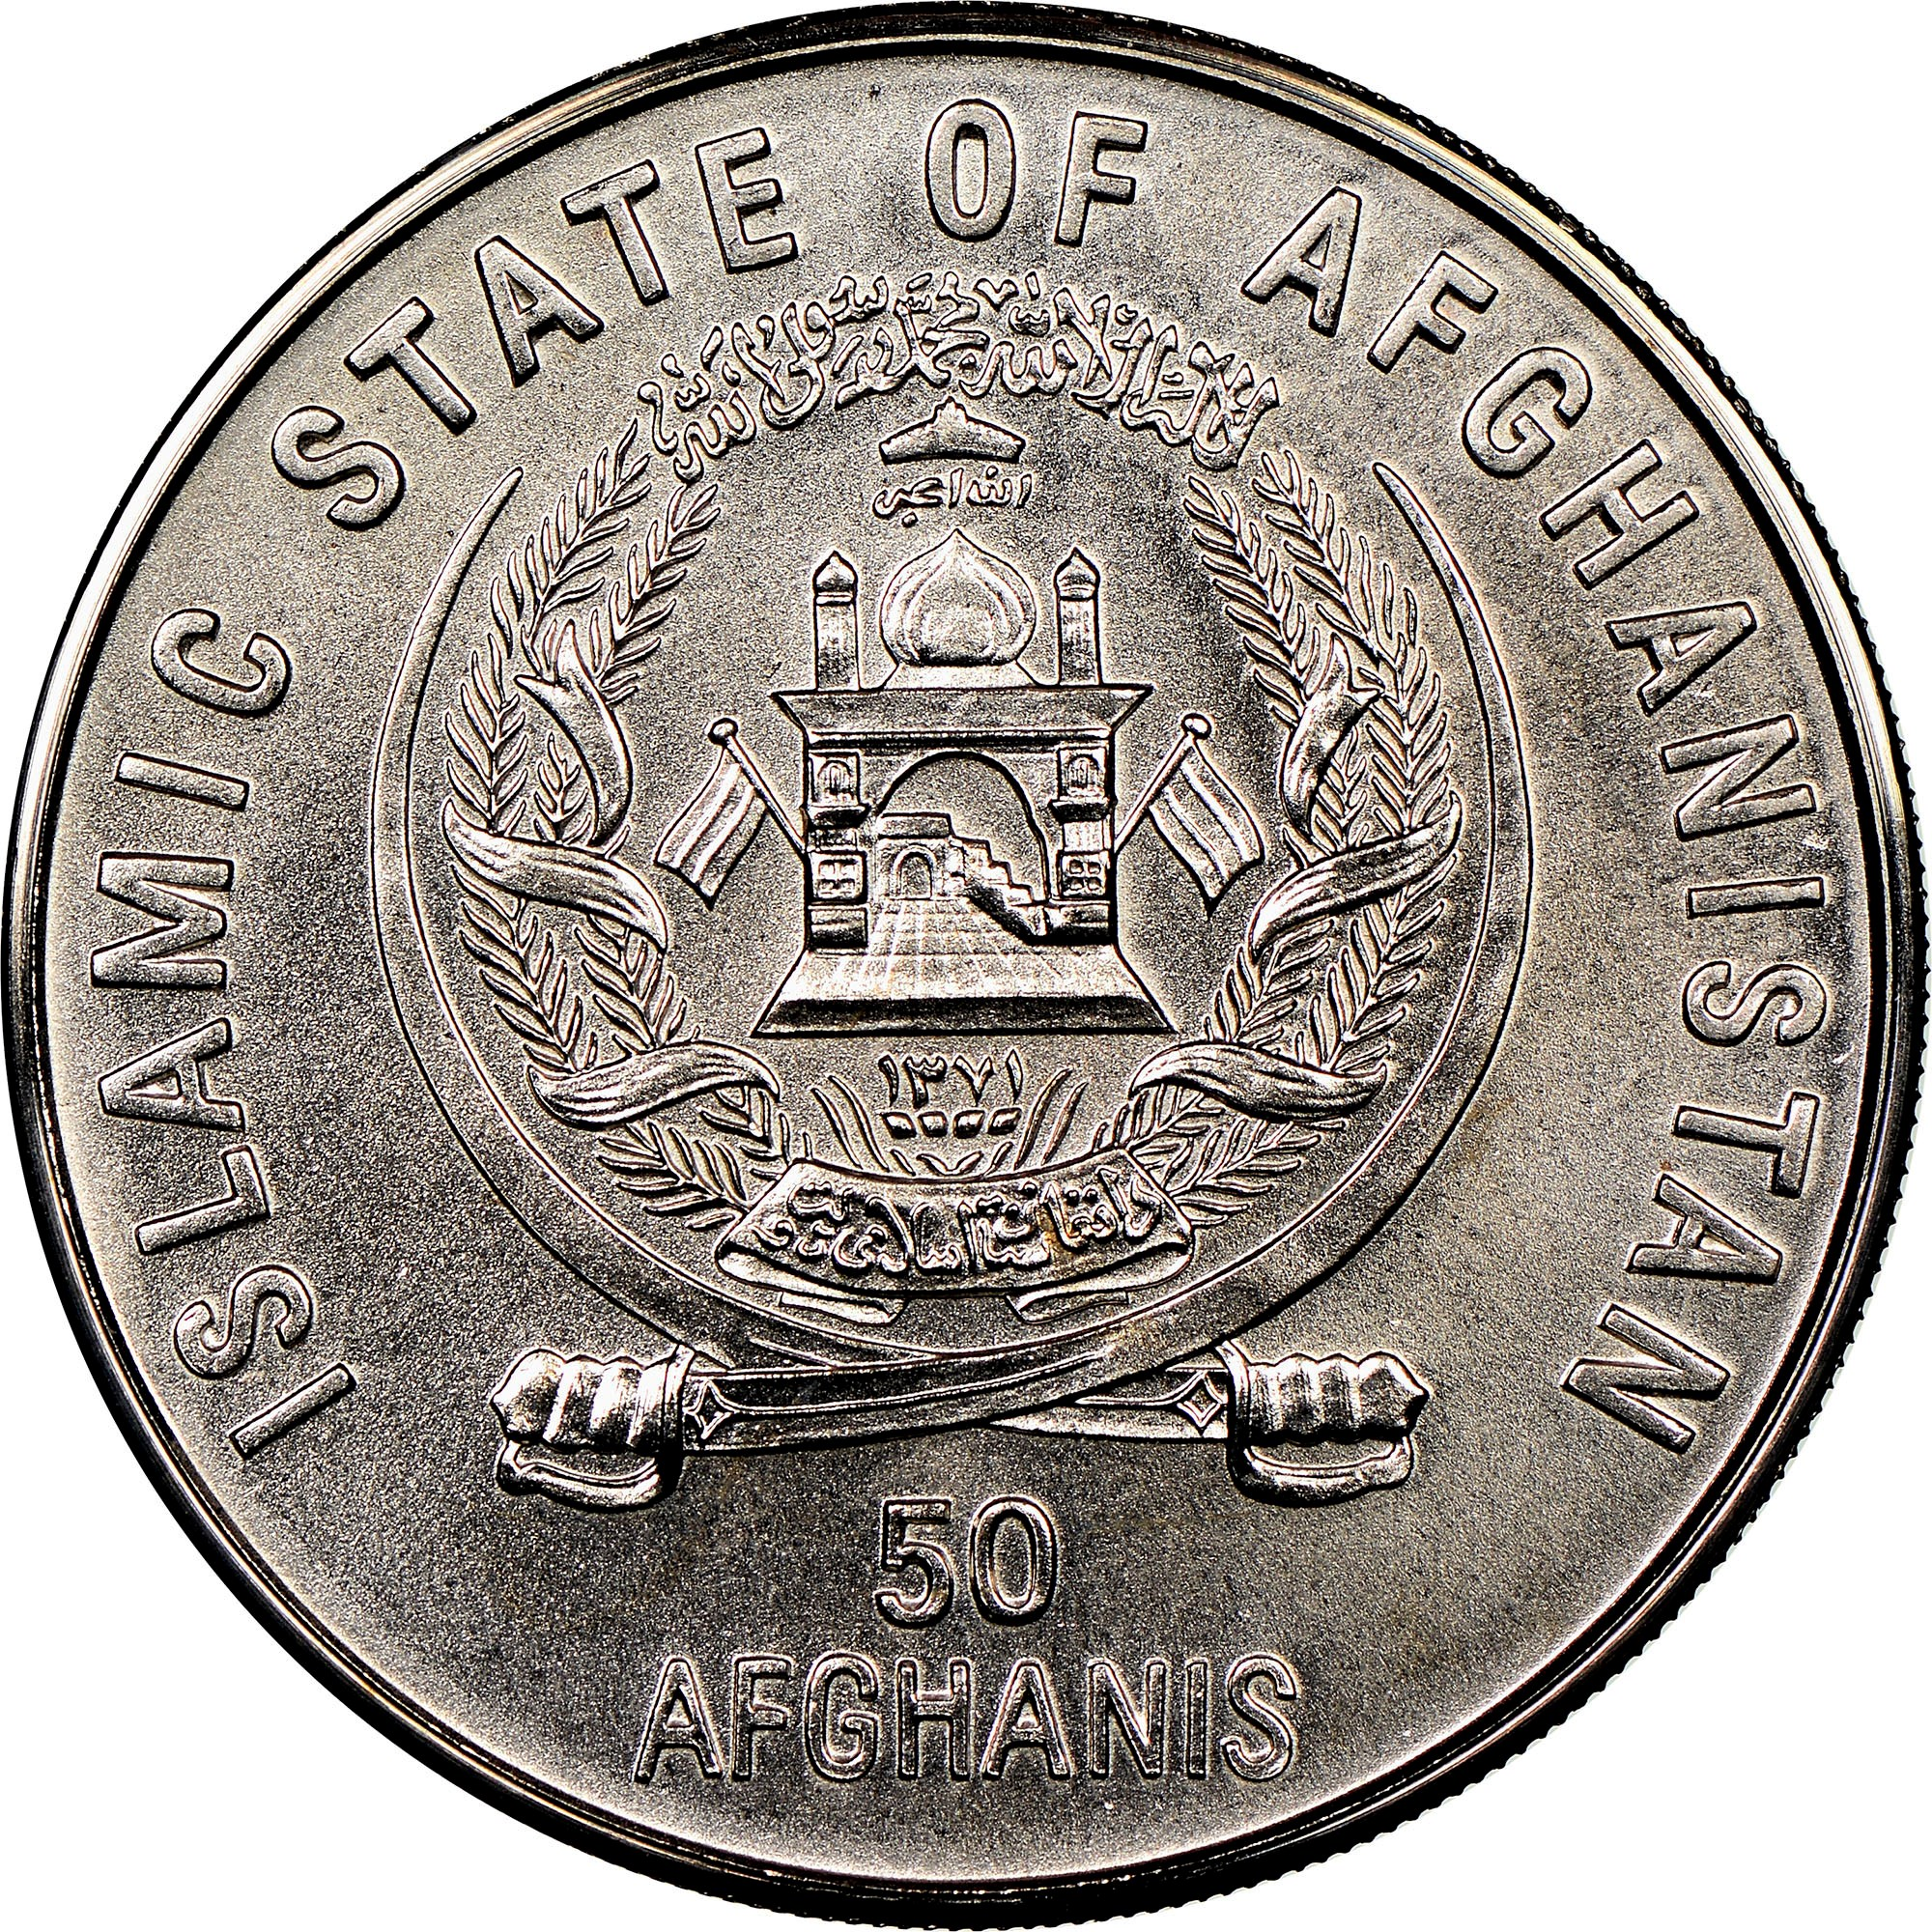 Afghanistan 50 Afghanis obverse